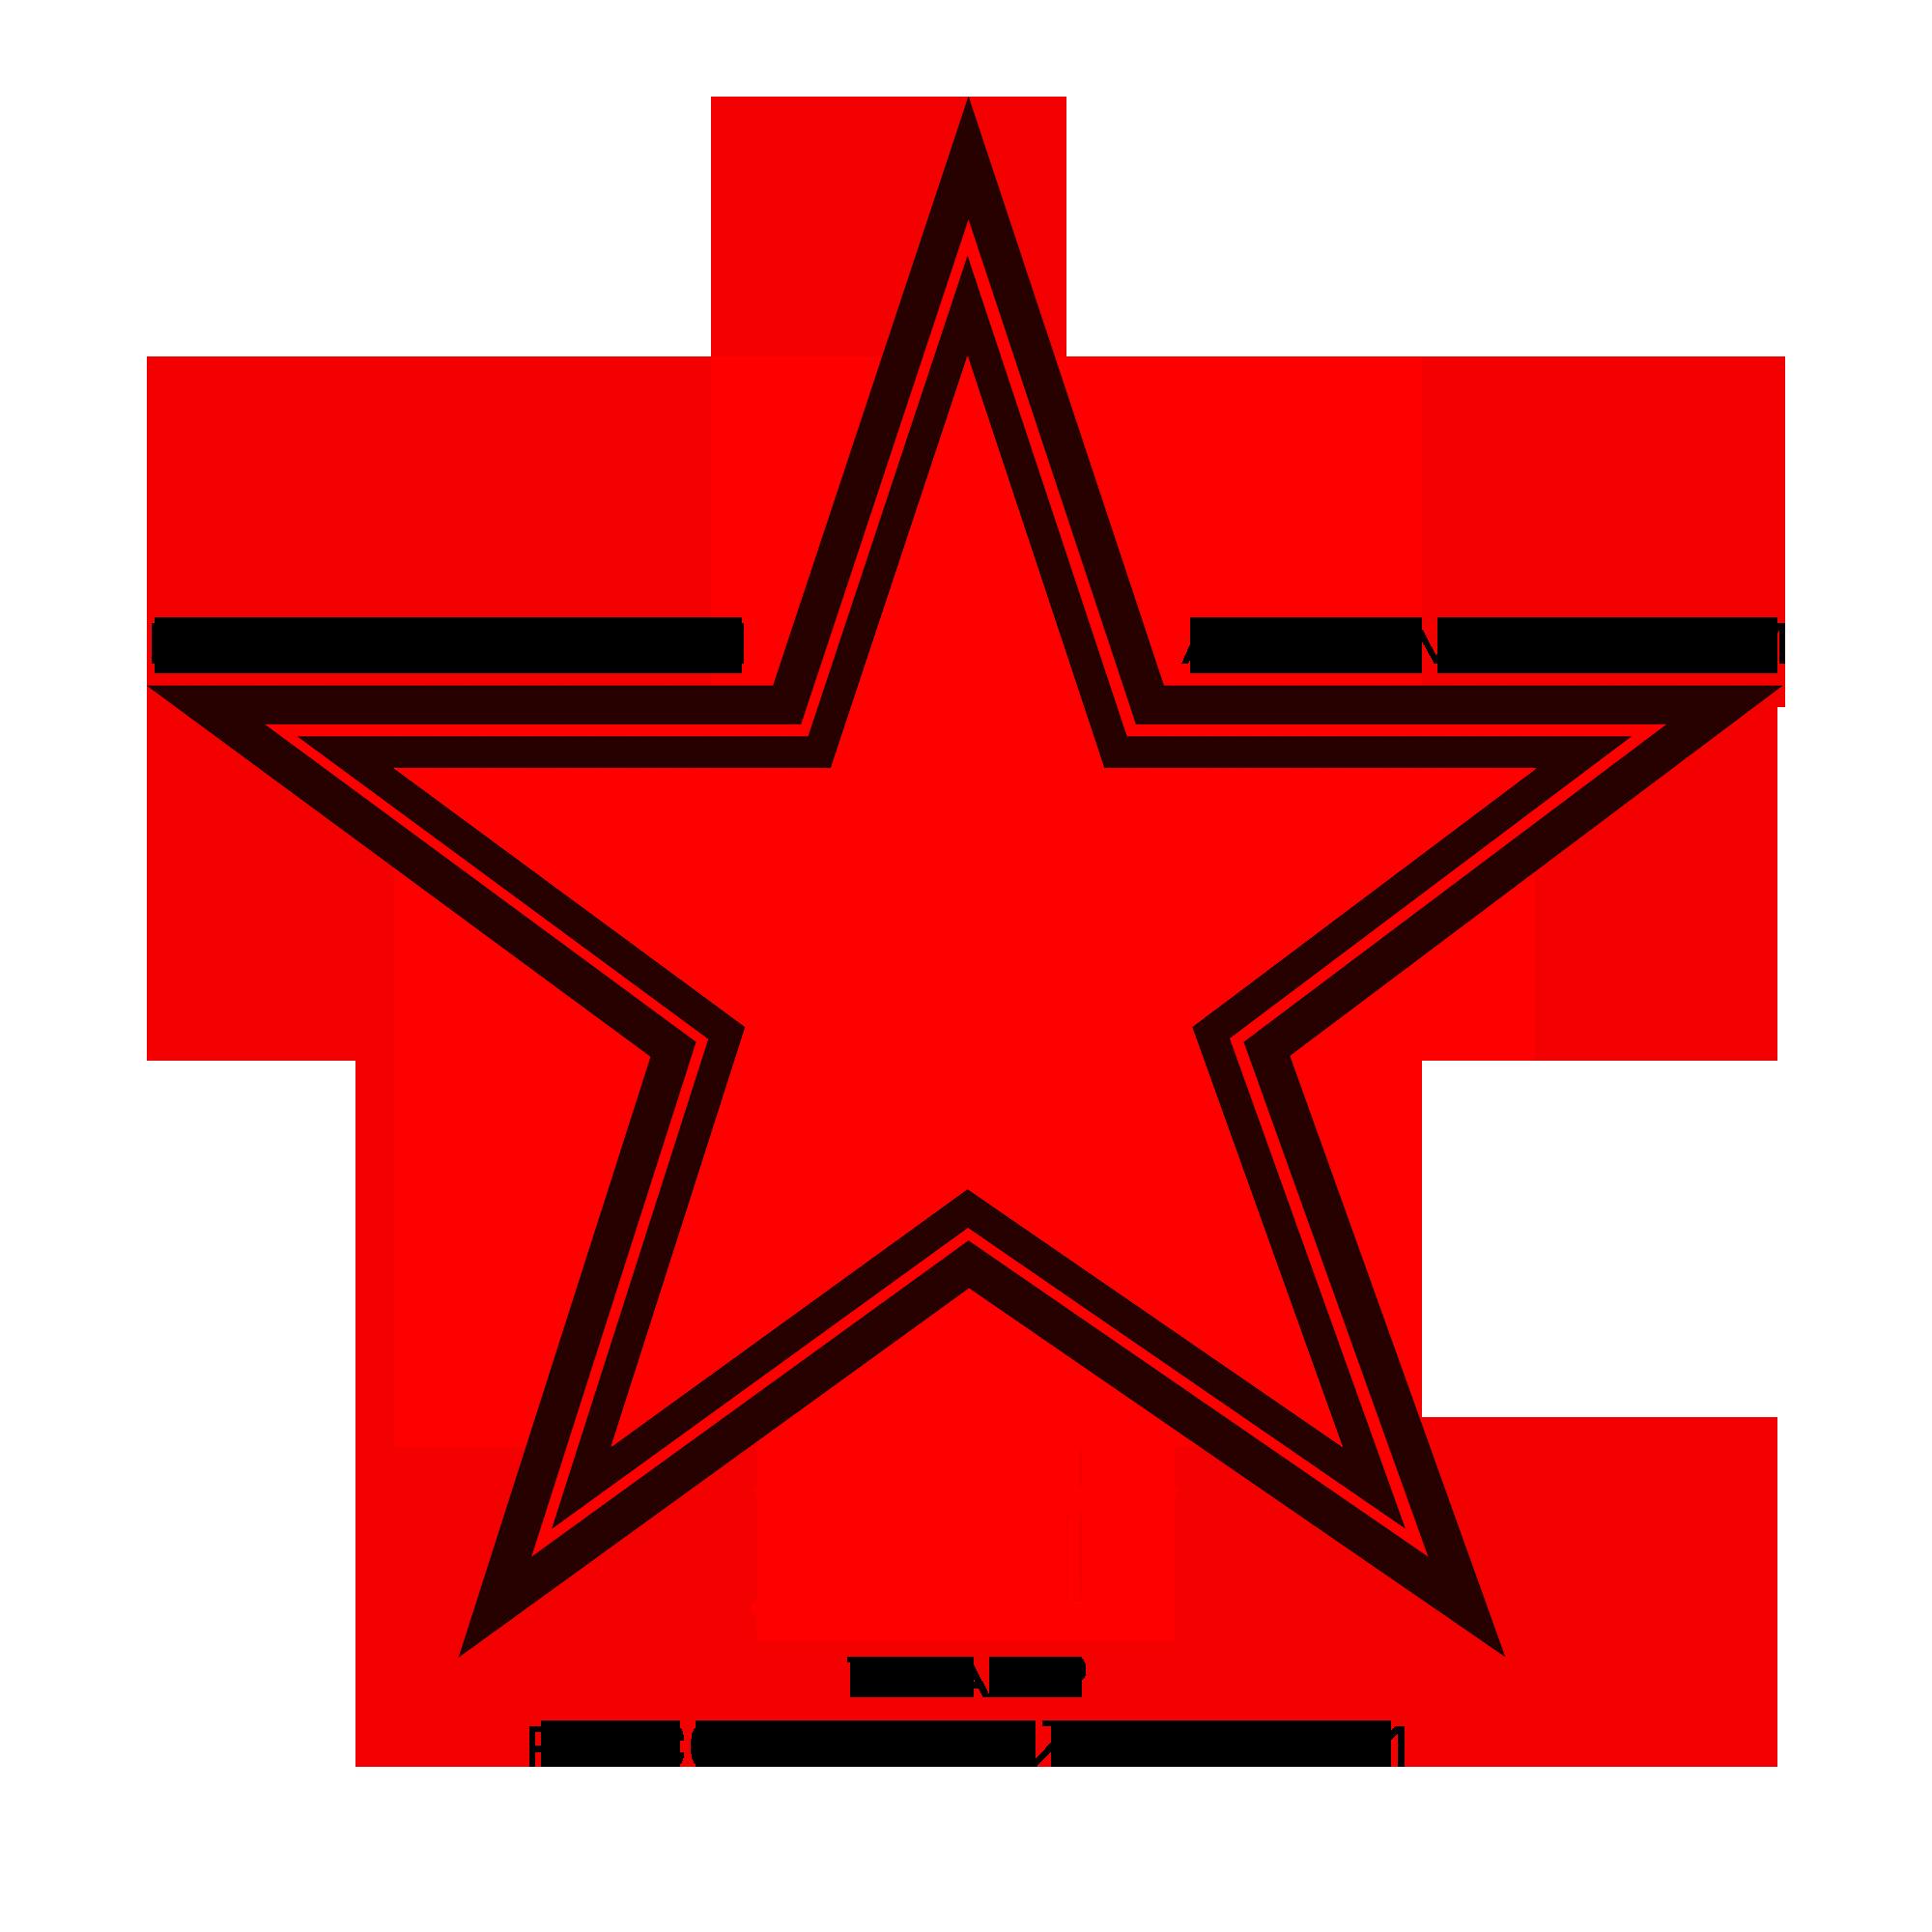 Разработка логотипа для Театра Российской Армии фото f_90558836b2c9f556.png